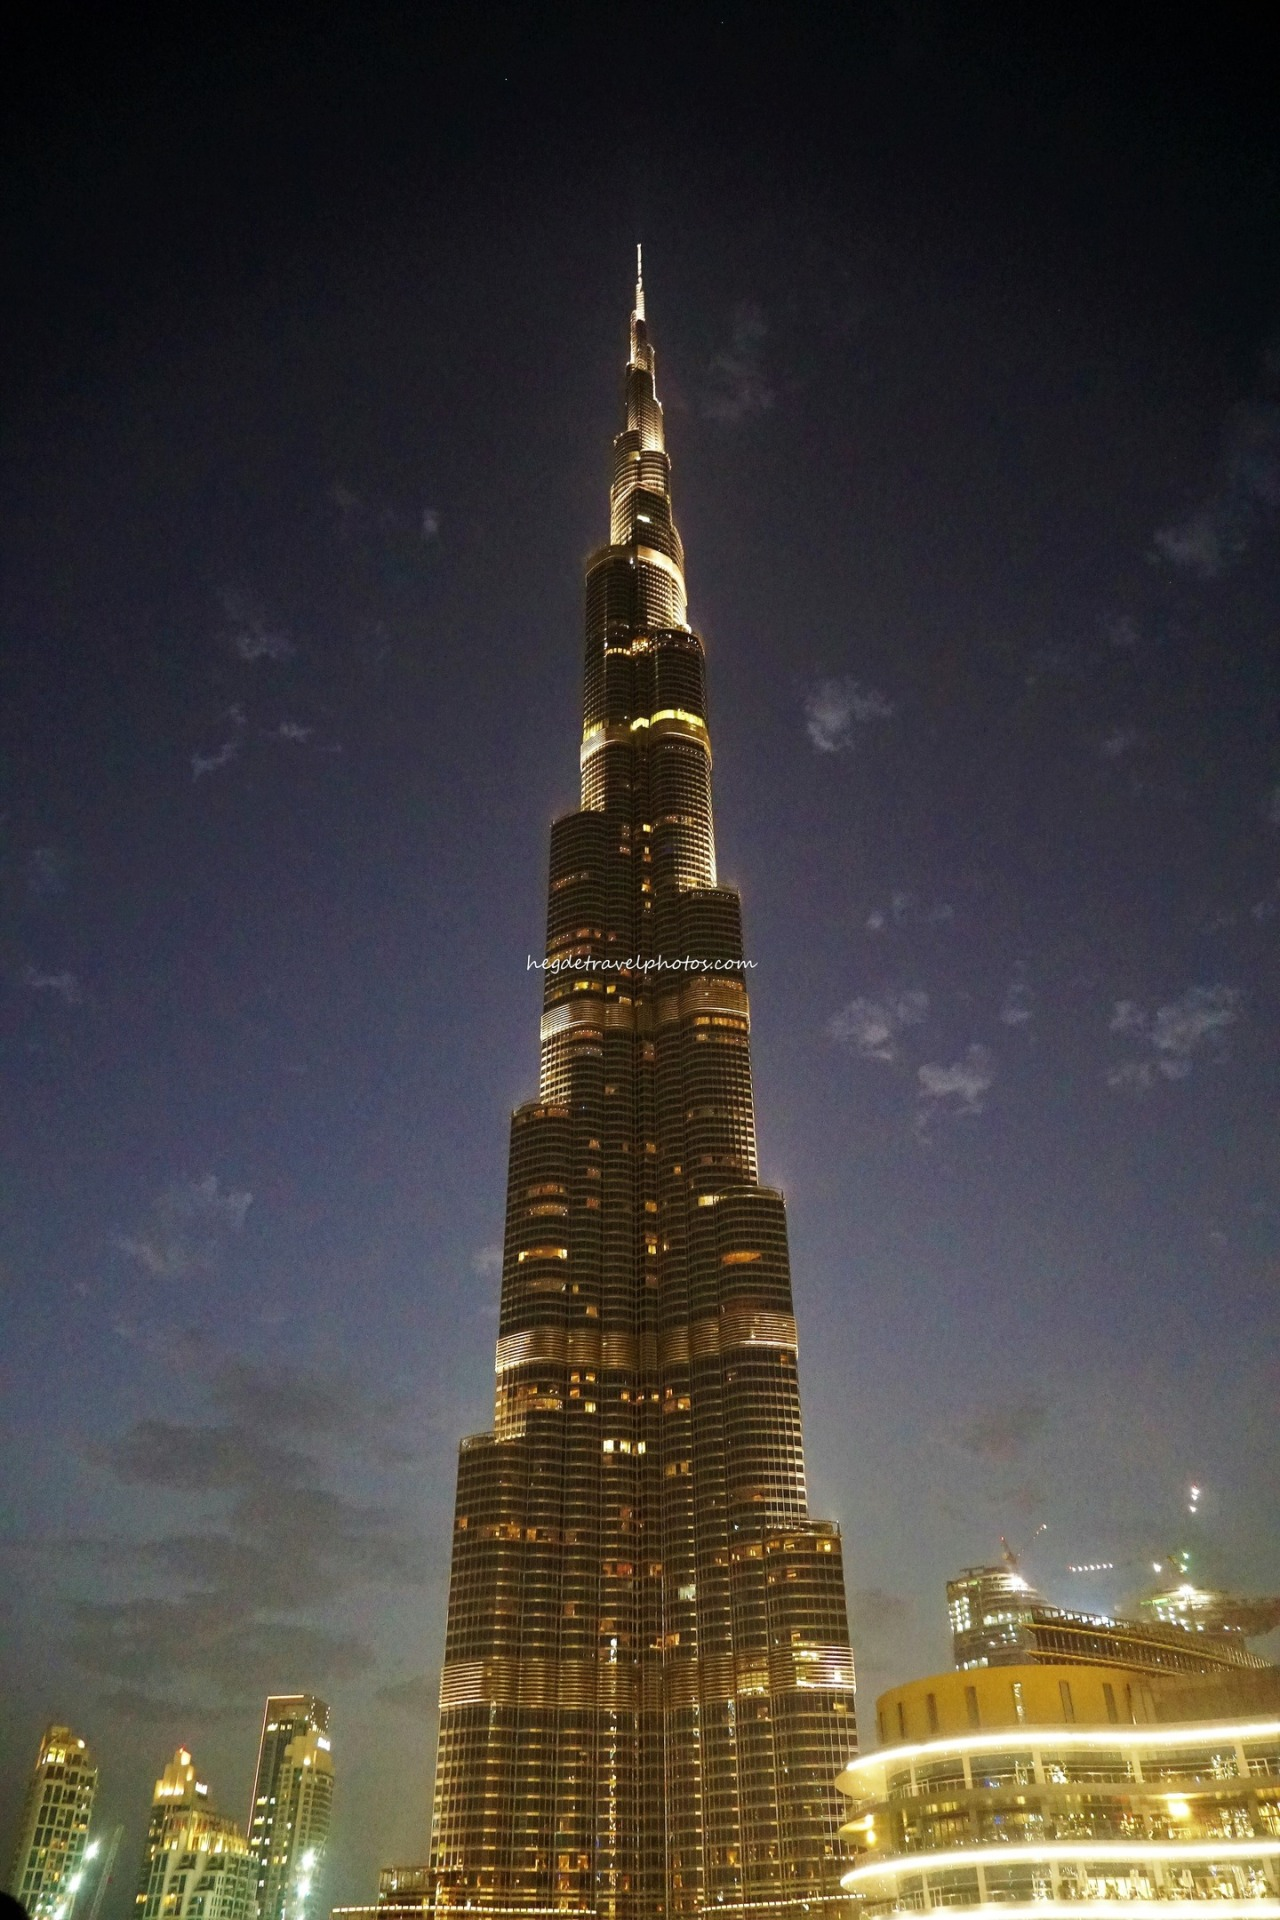 Dubai Burj Khalifa FountainShow